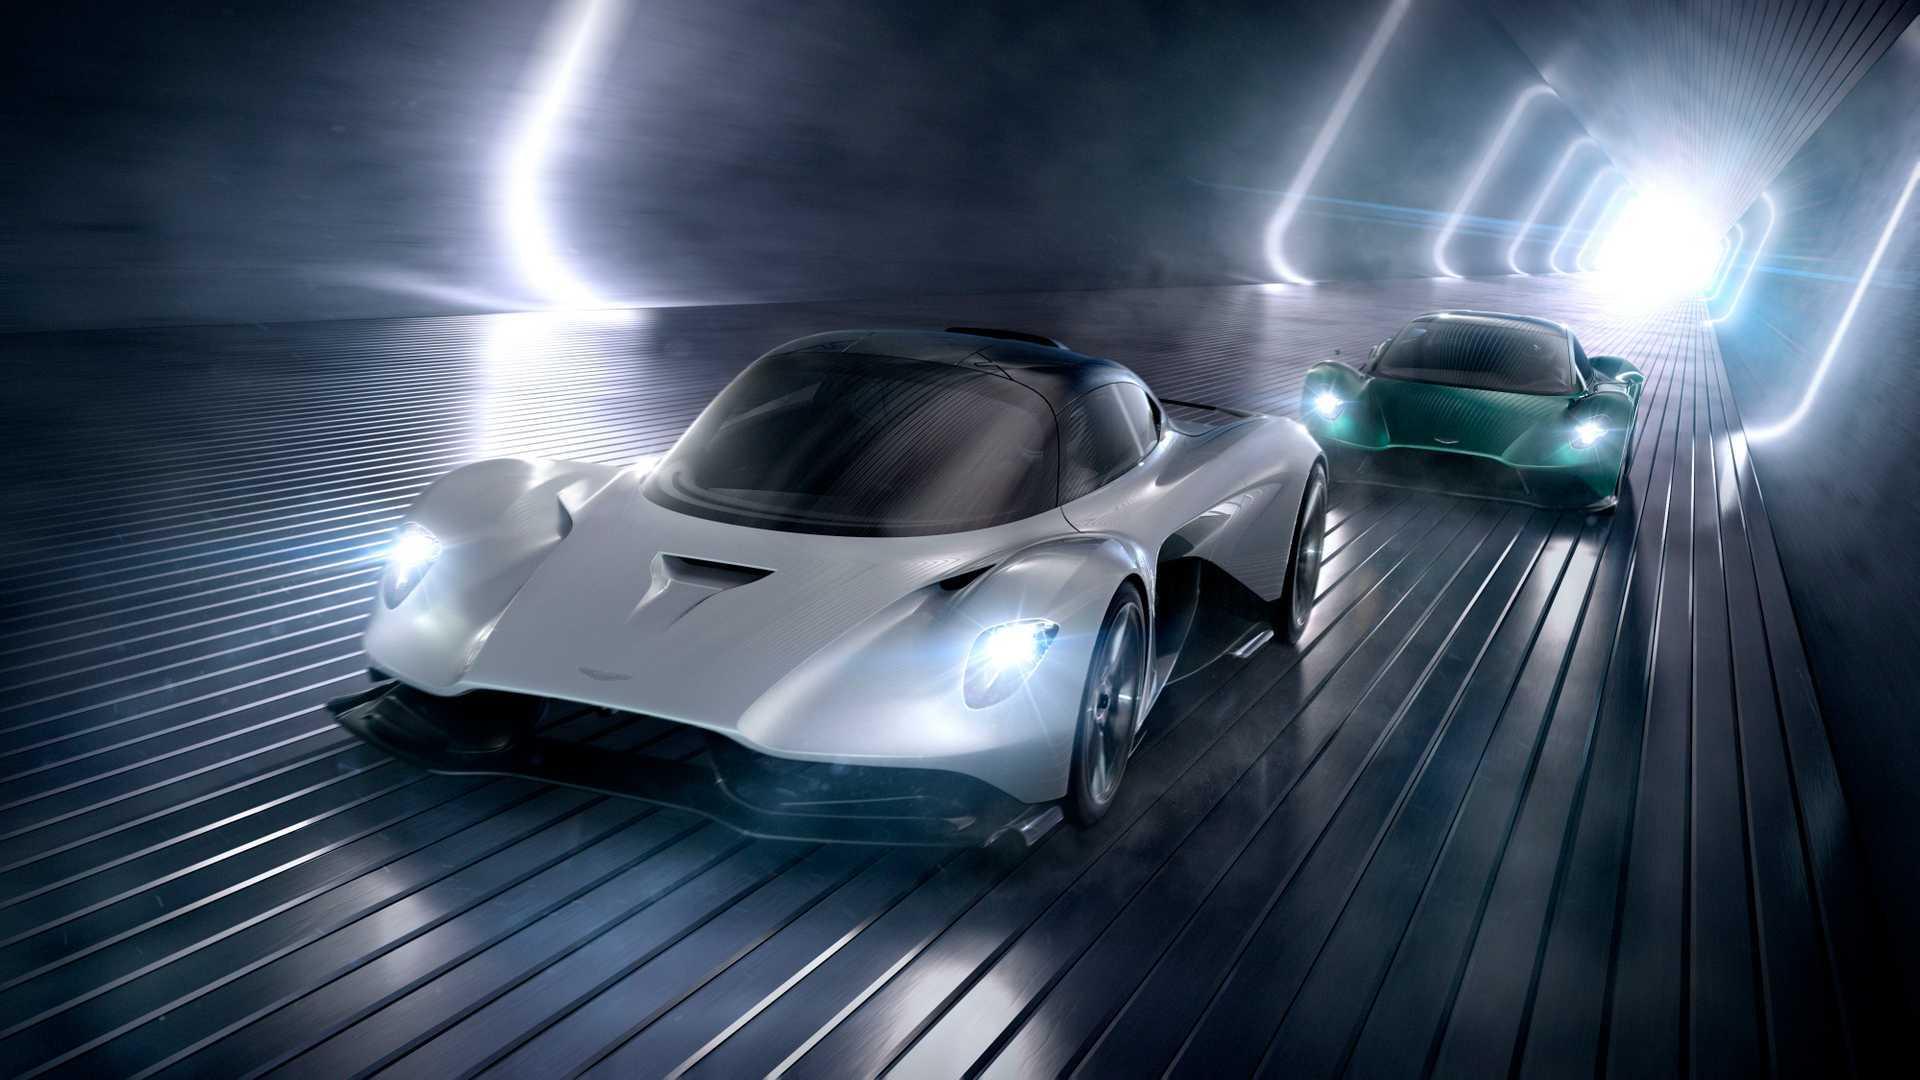 Aston Martin Vanquish Vision Concept Motor1 Com Bilder